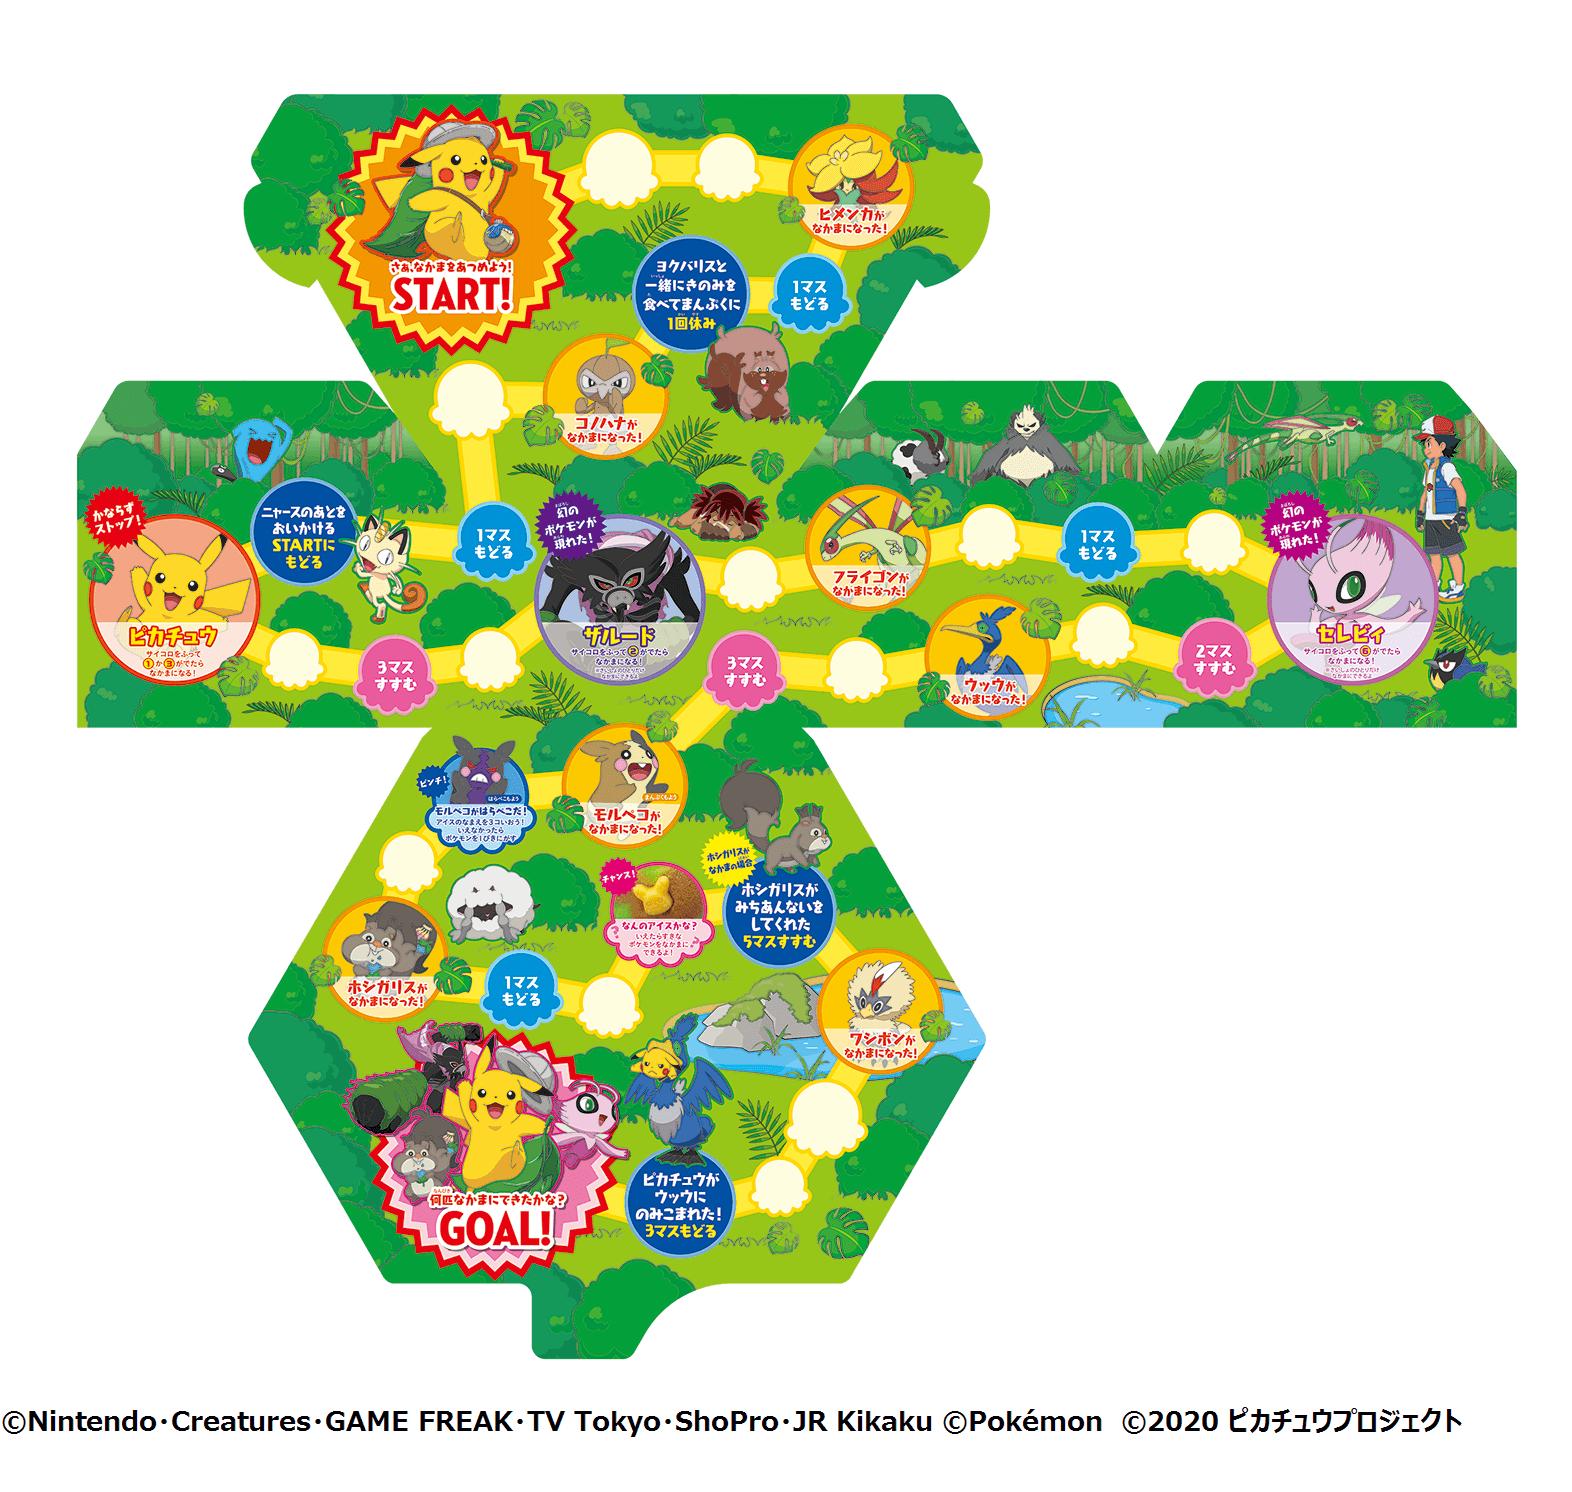 サーティワン アイスクリーム『31ポケ夏!キャンペーン~with 劇場版ポケットモンスター ココ』(BOXを広げるとすごろくに!)